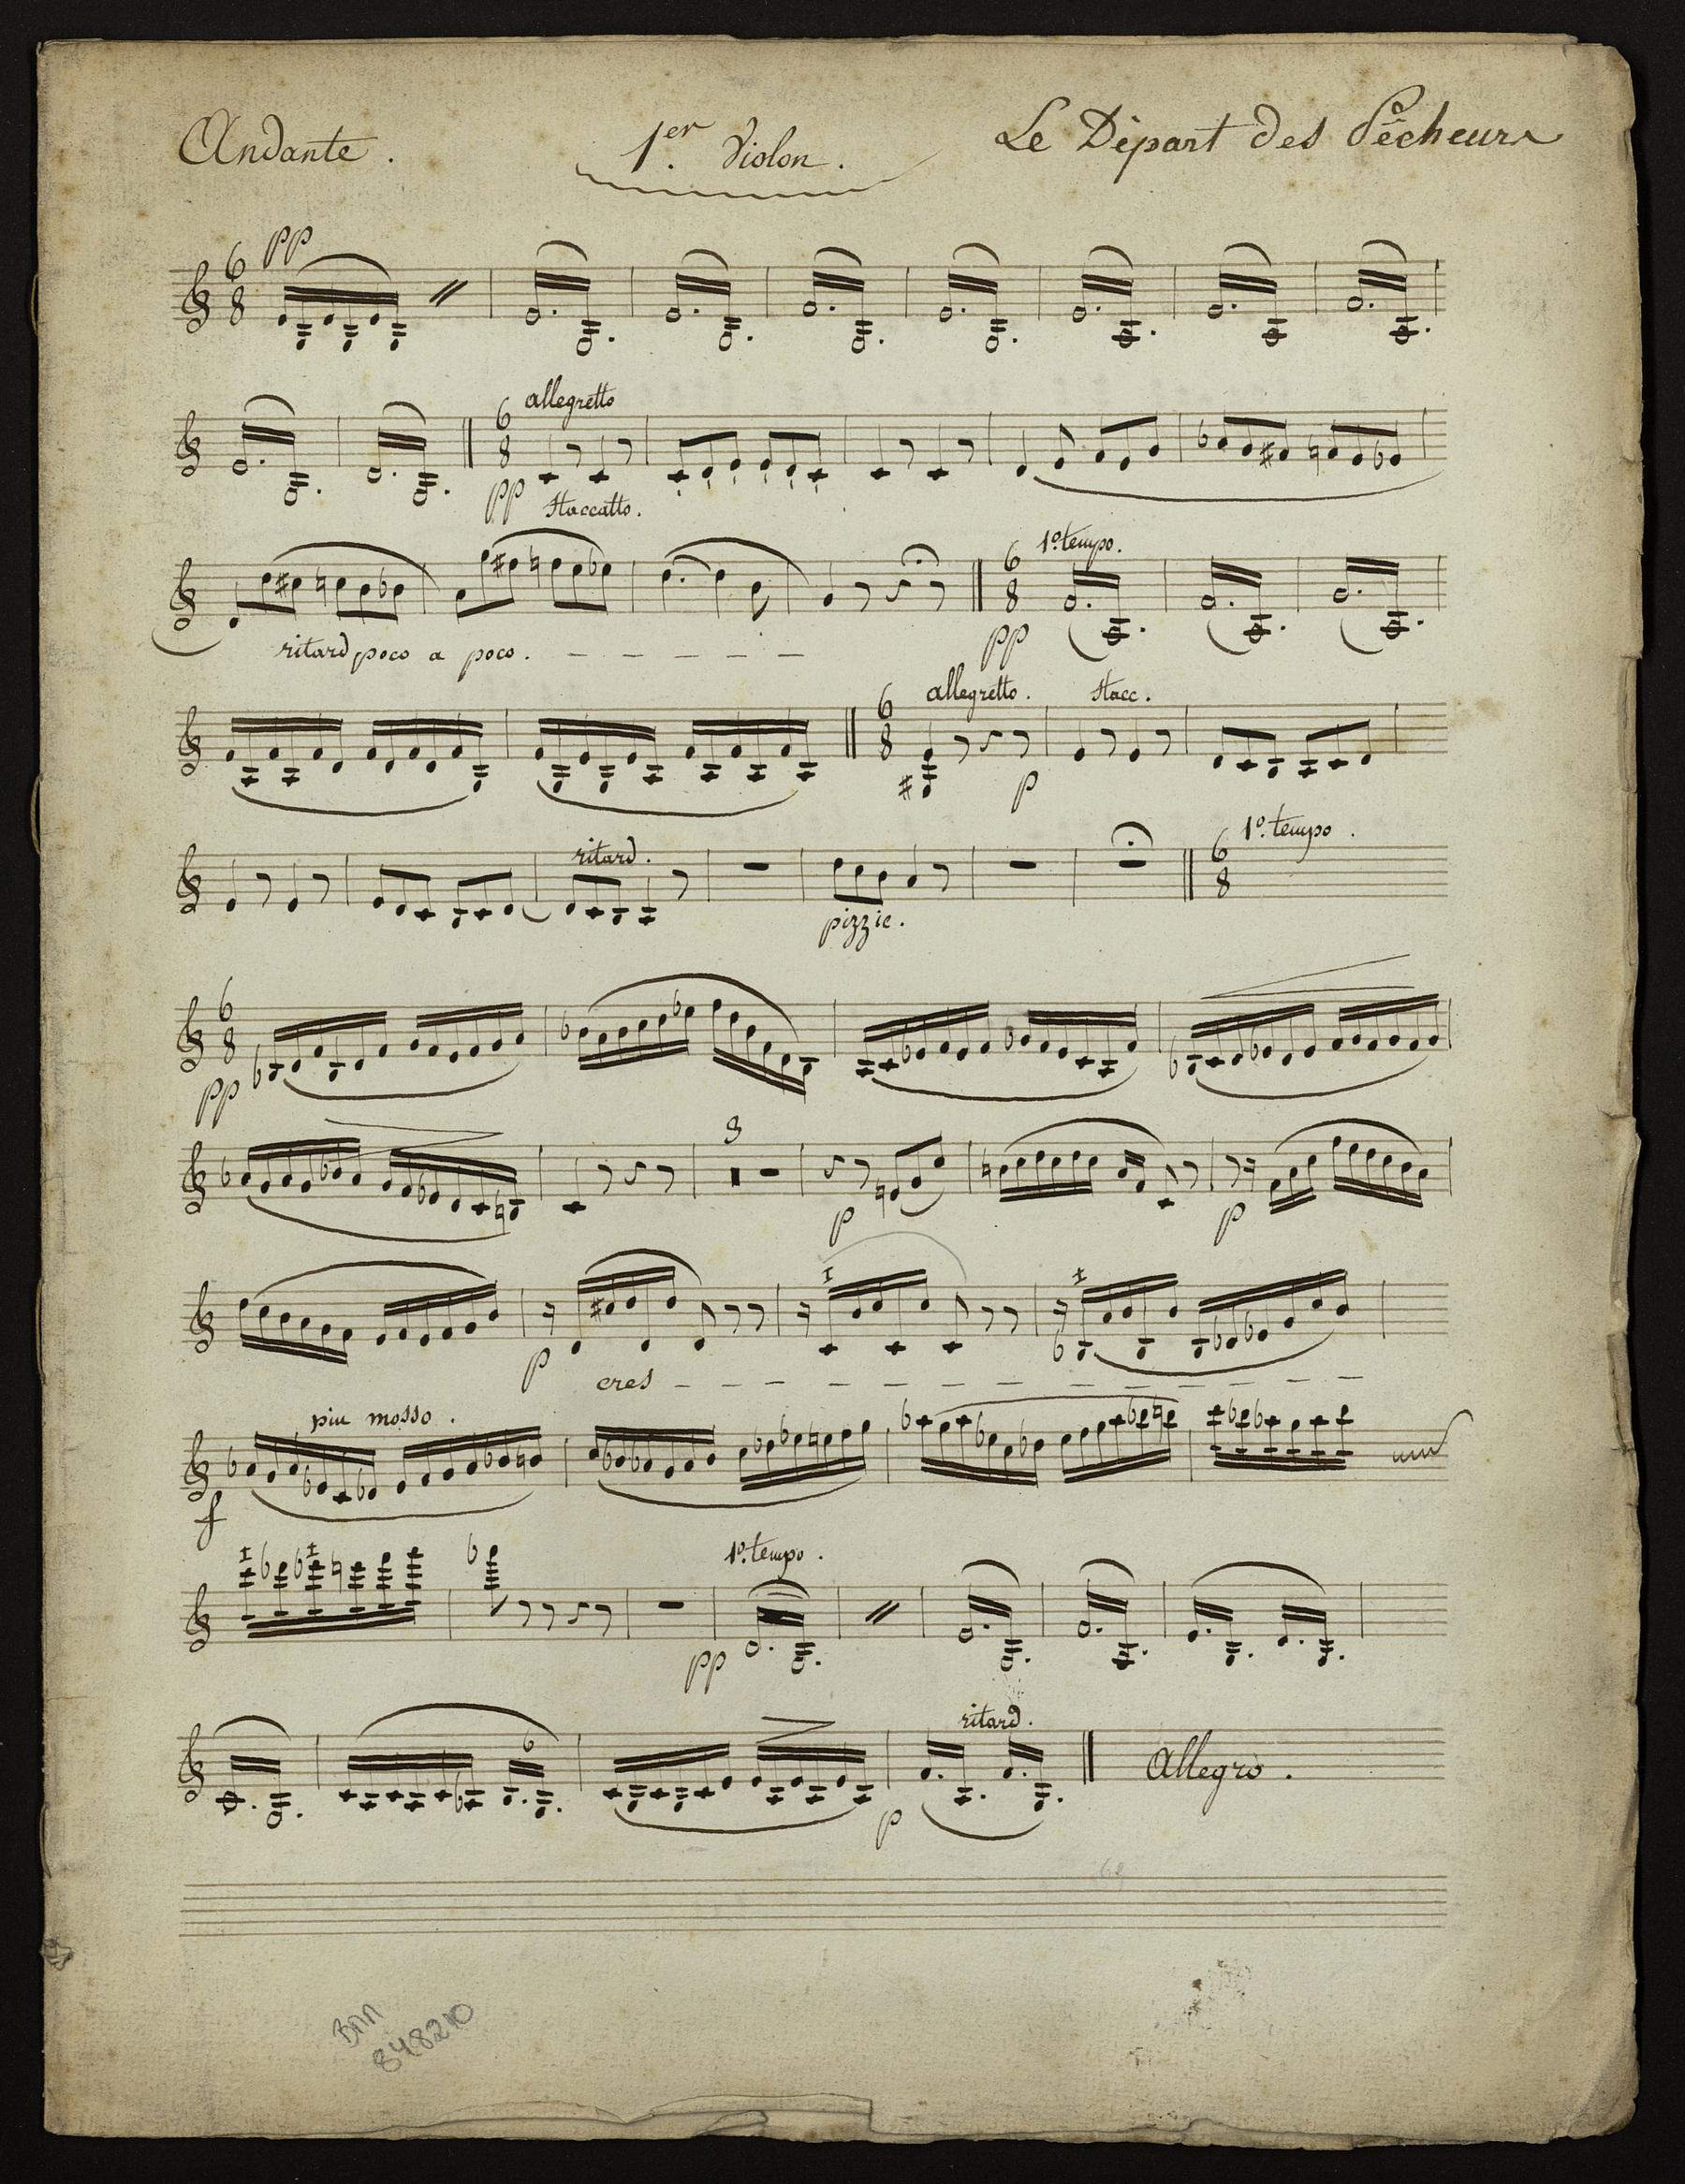 Contenu du Le départ des Pêcheurs : ensemble de partions d'orchestre